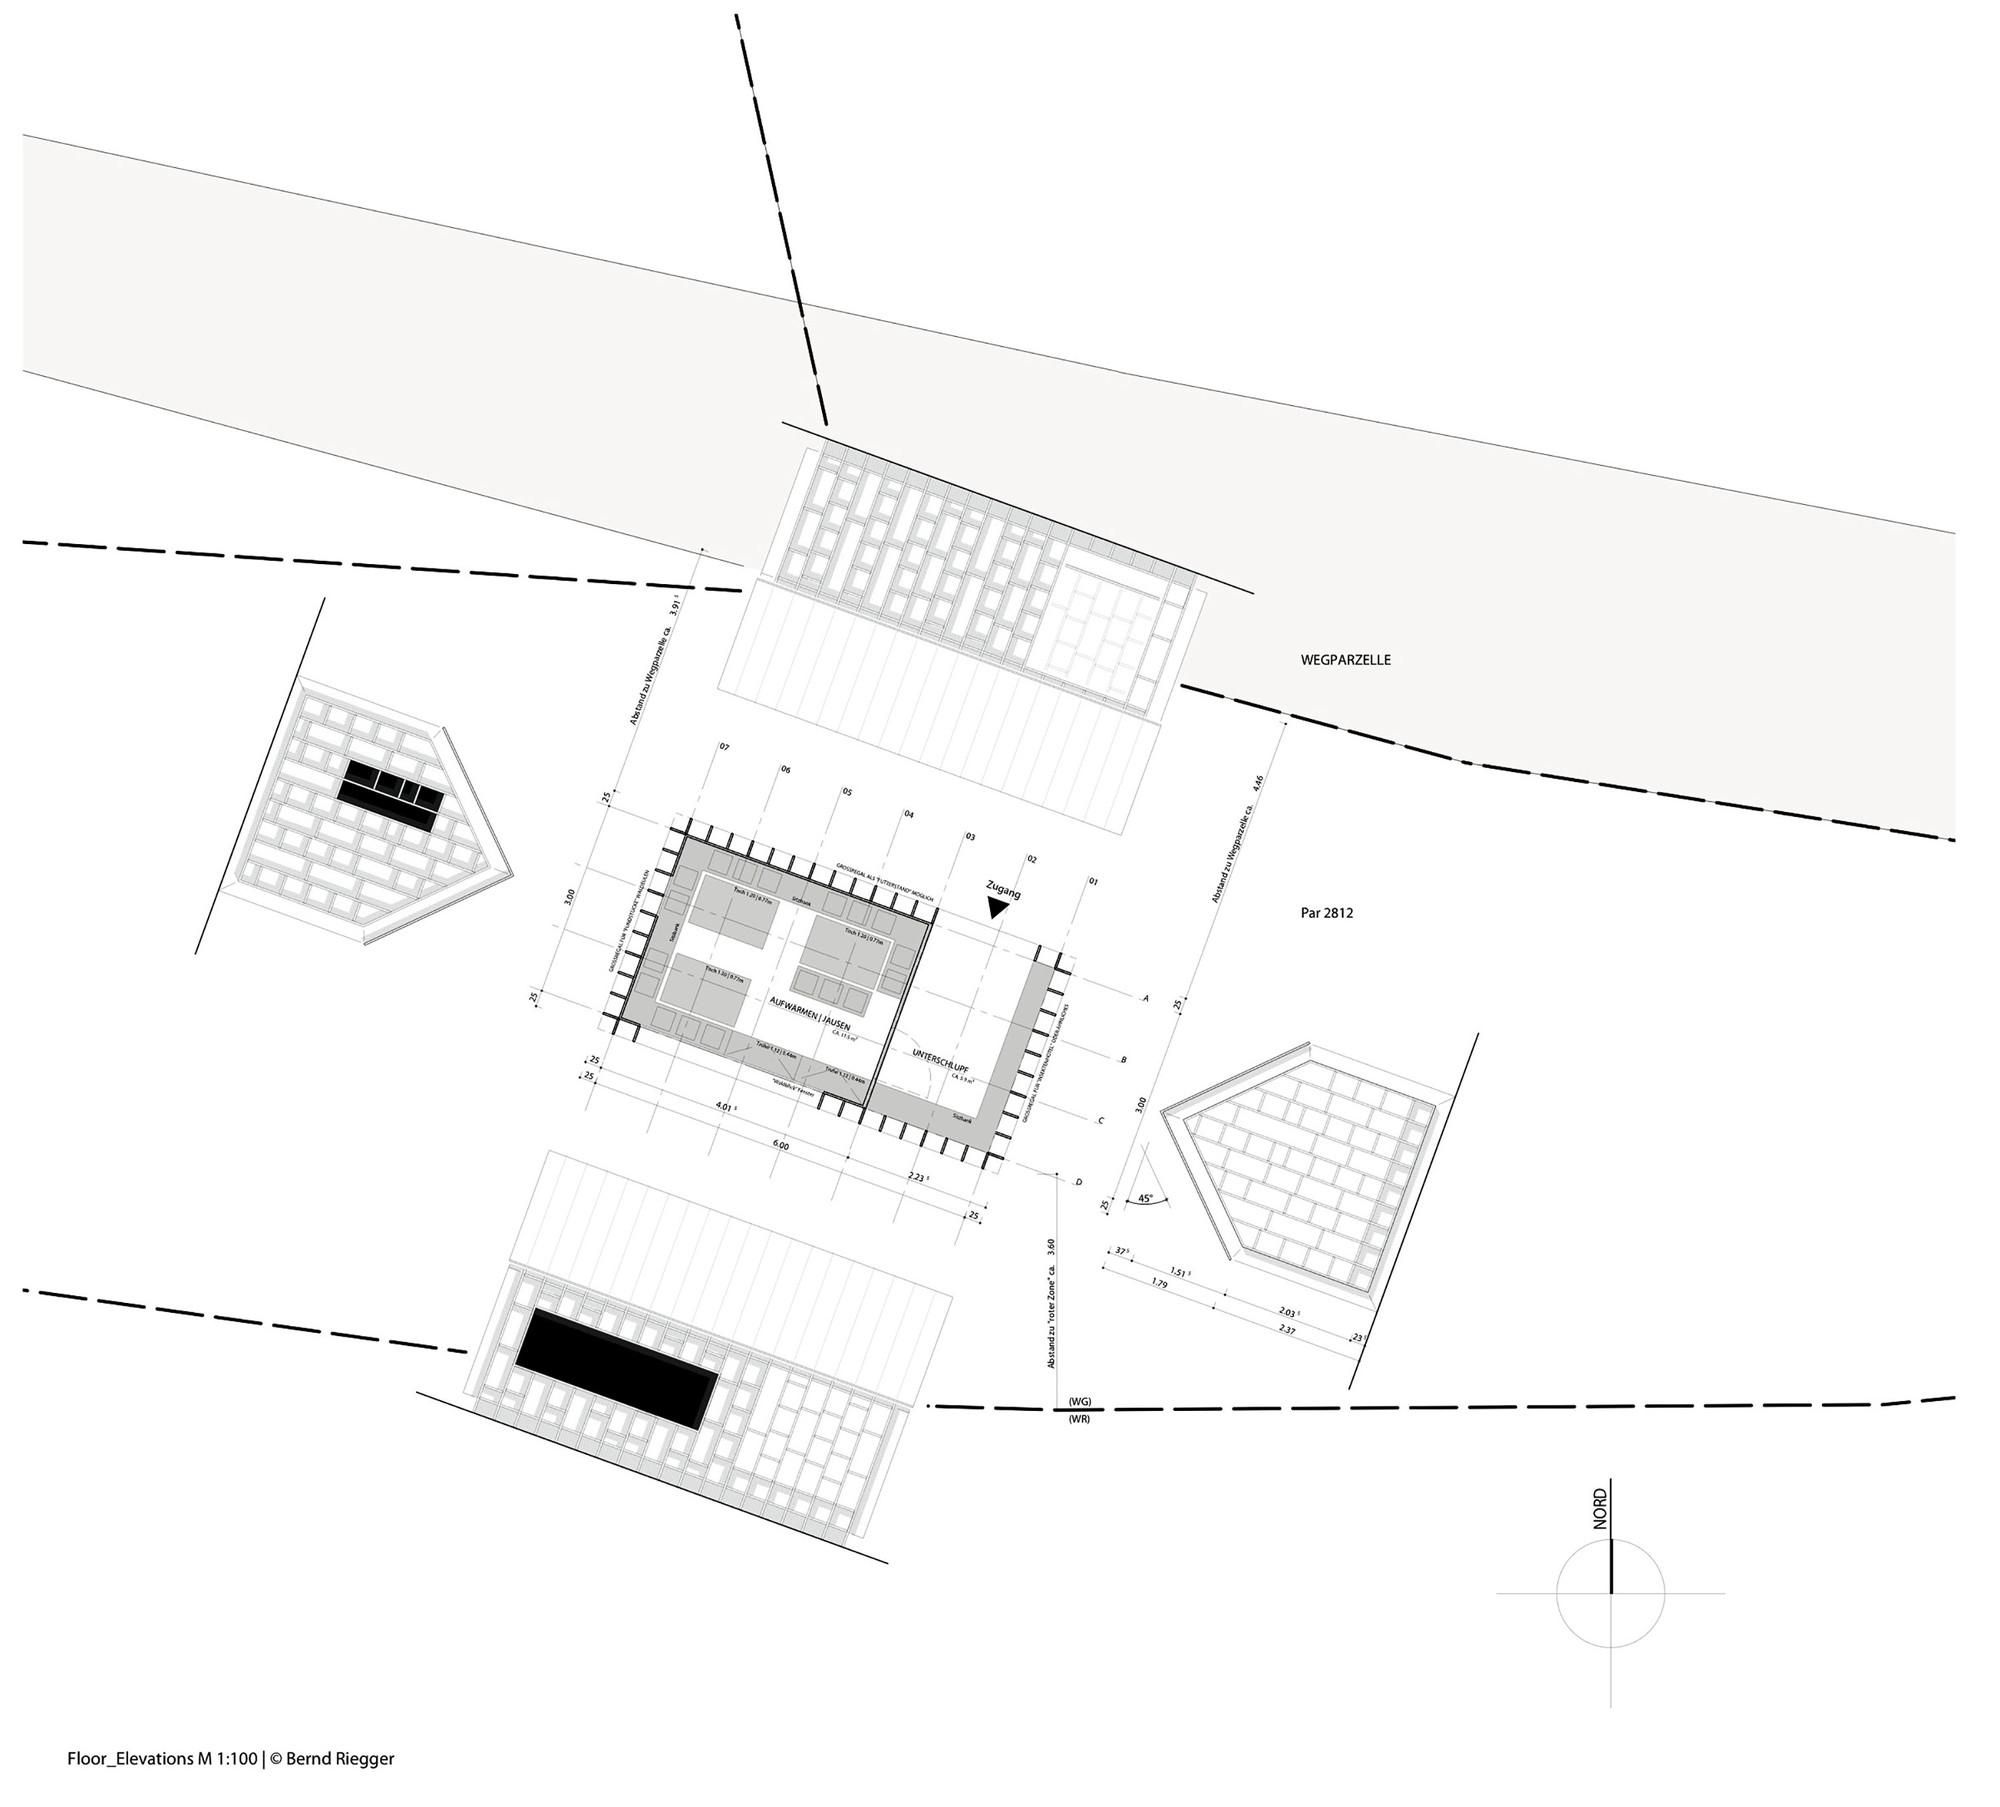 Floor Plan + Elevations